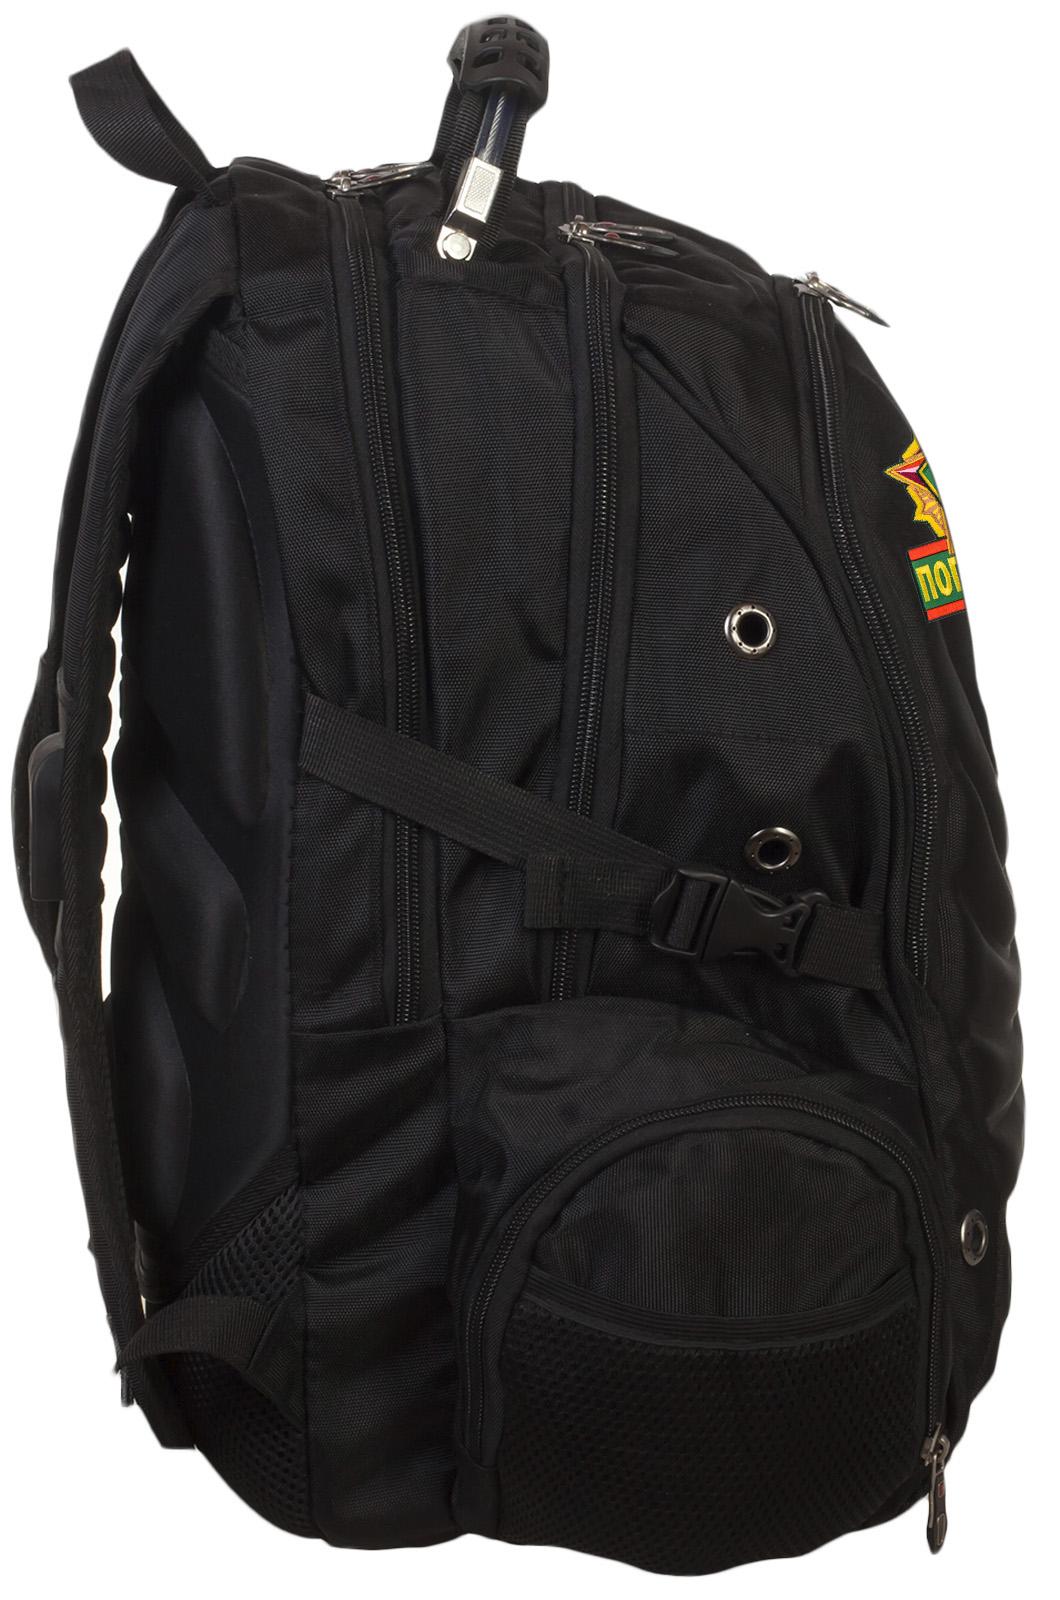 Практичный черный рюкзак с эмблемой Погранвойск купить с доставкой